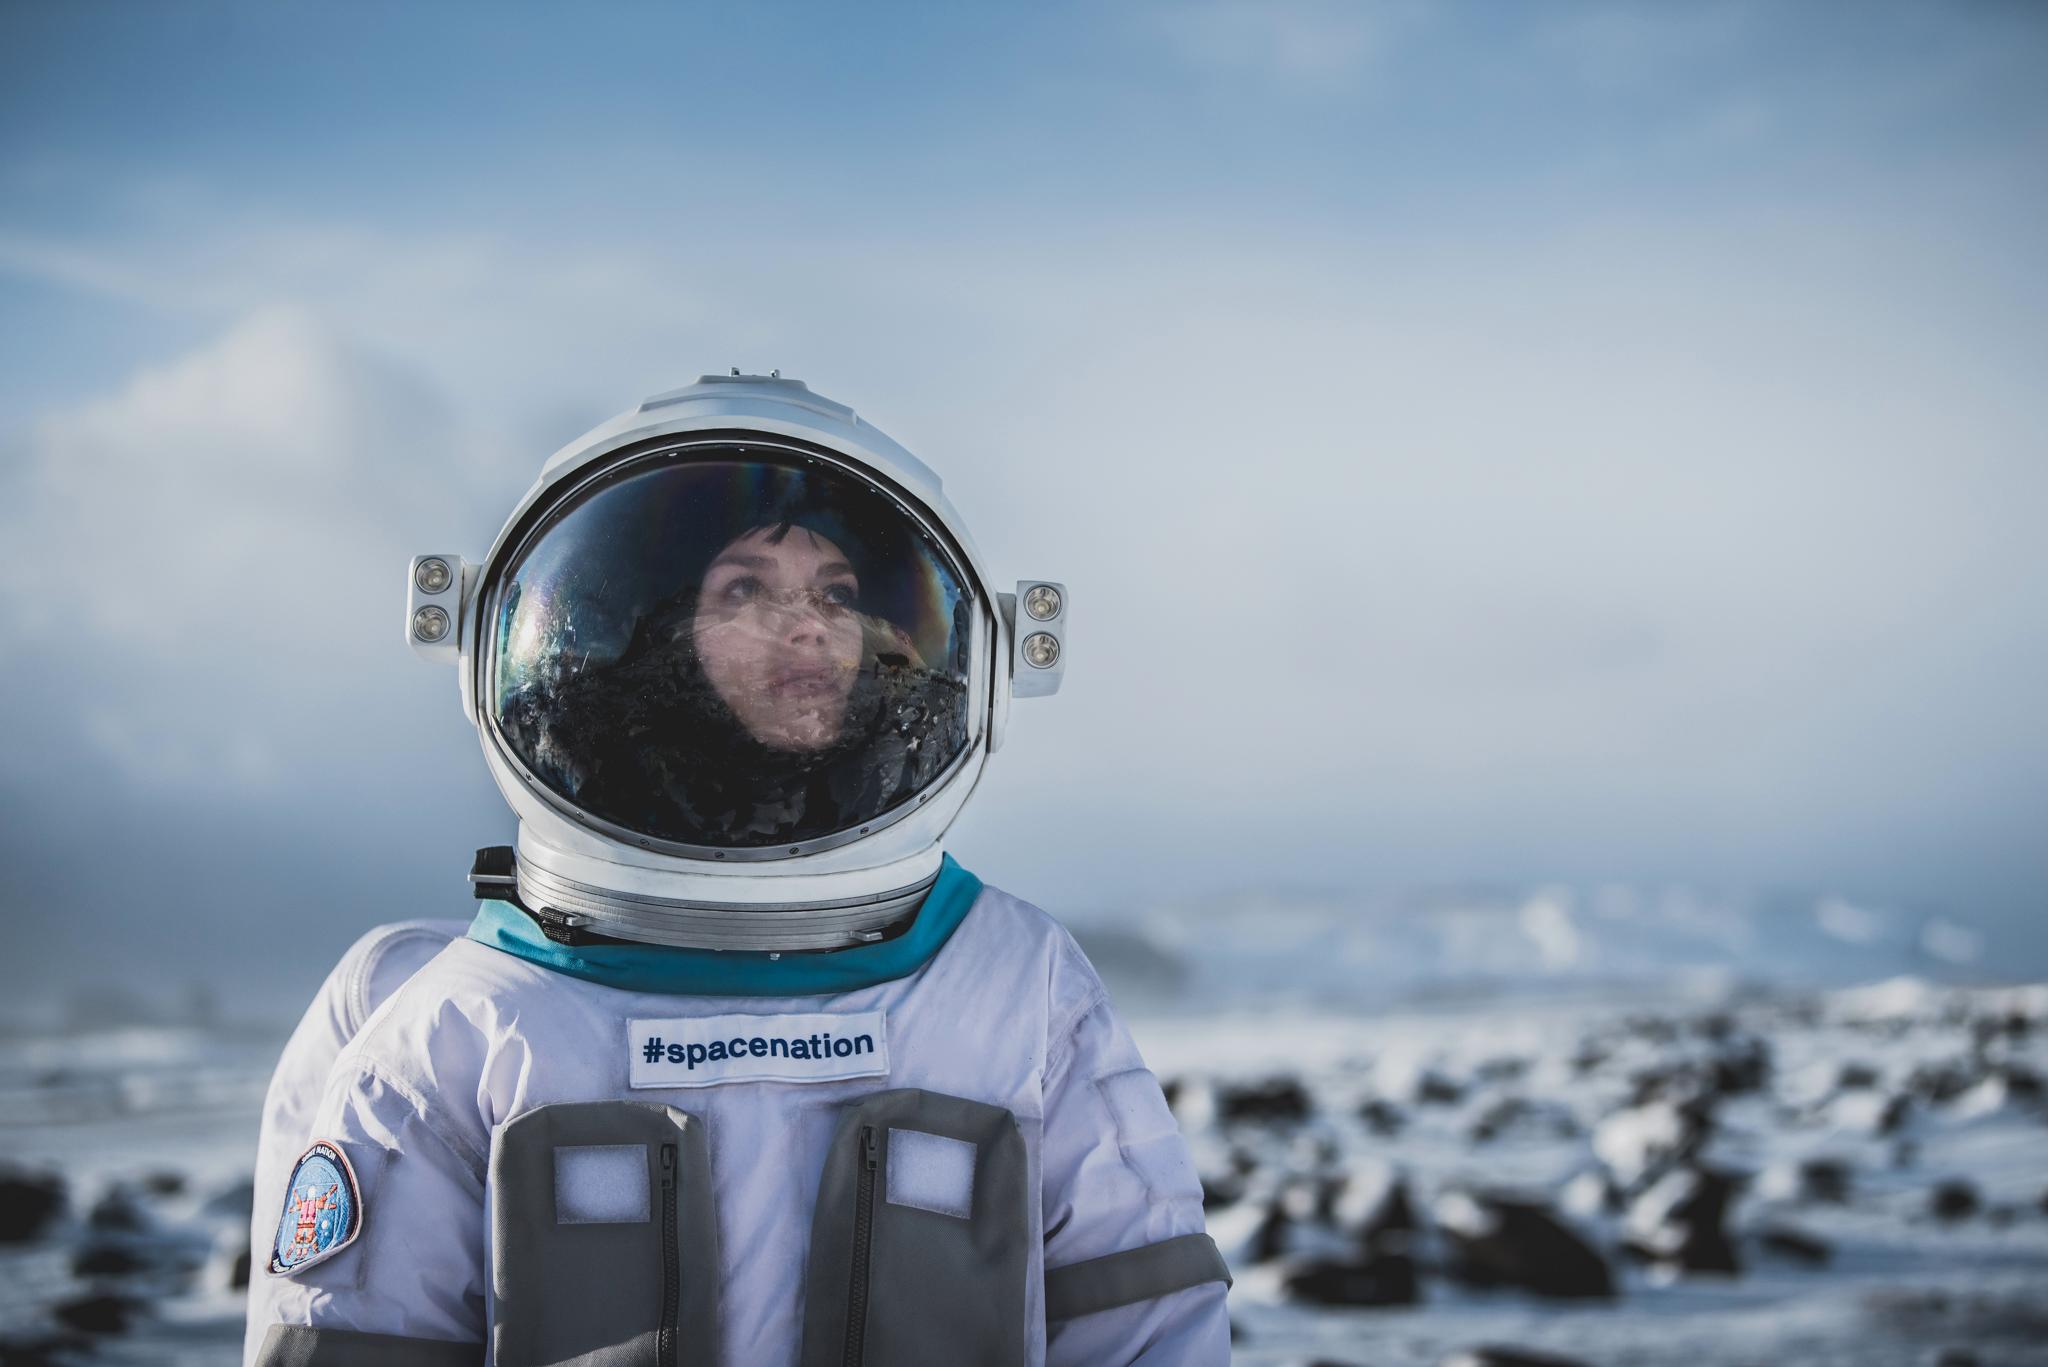 Woman cosmonaut